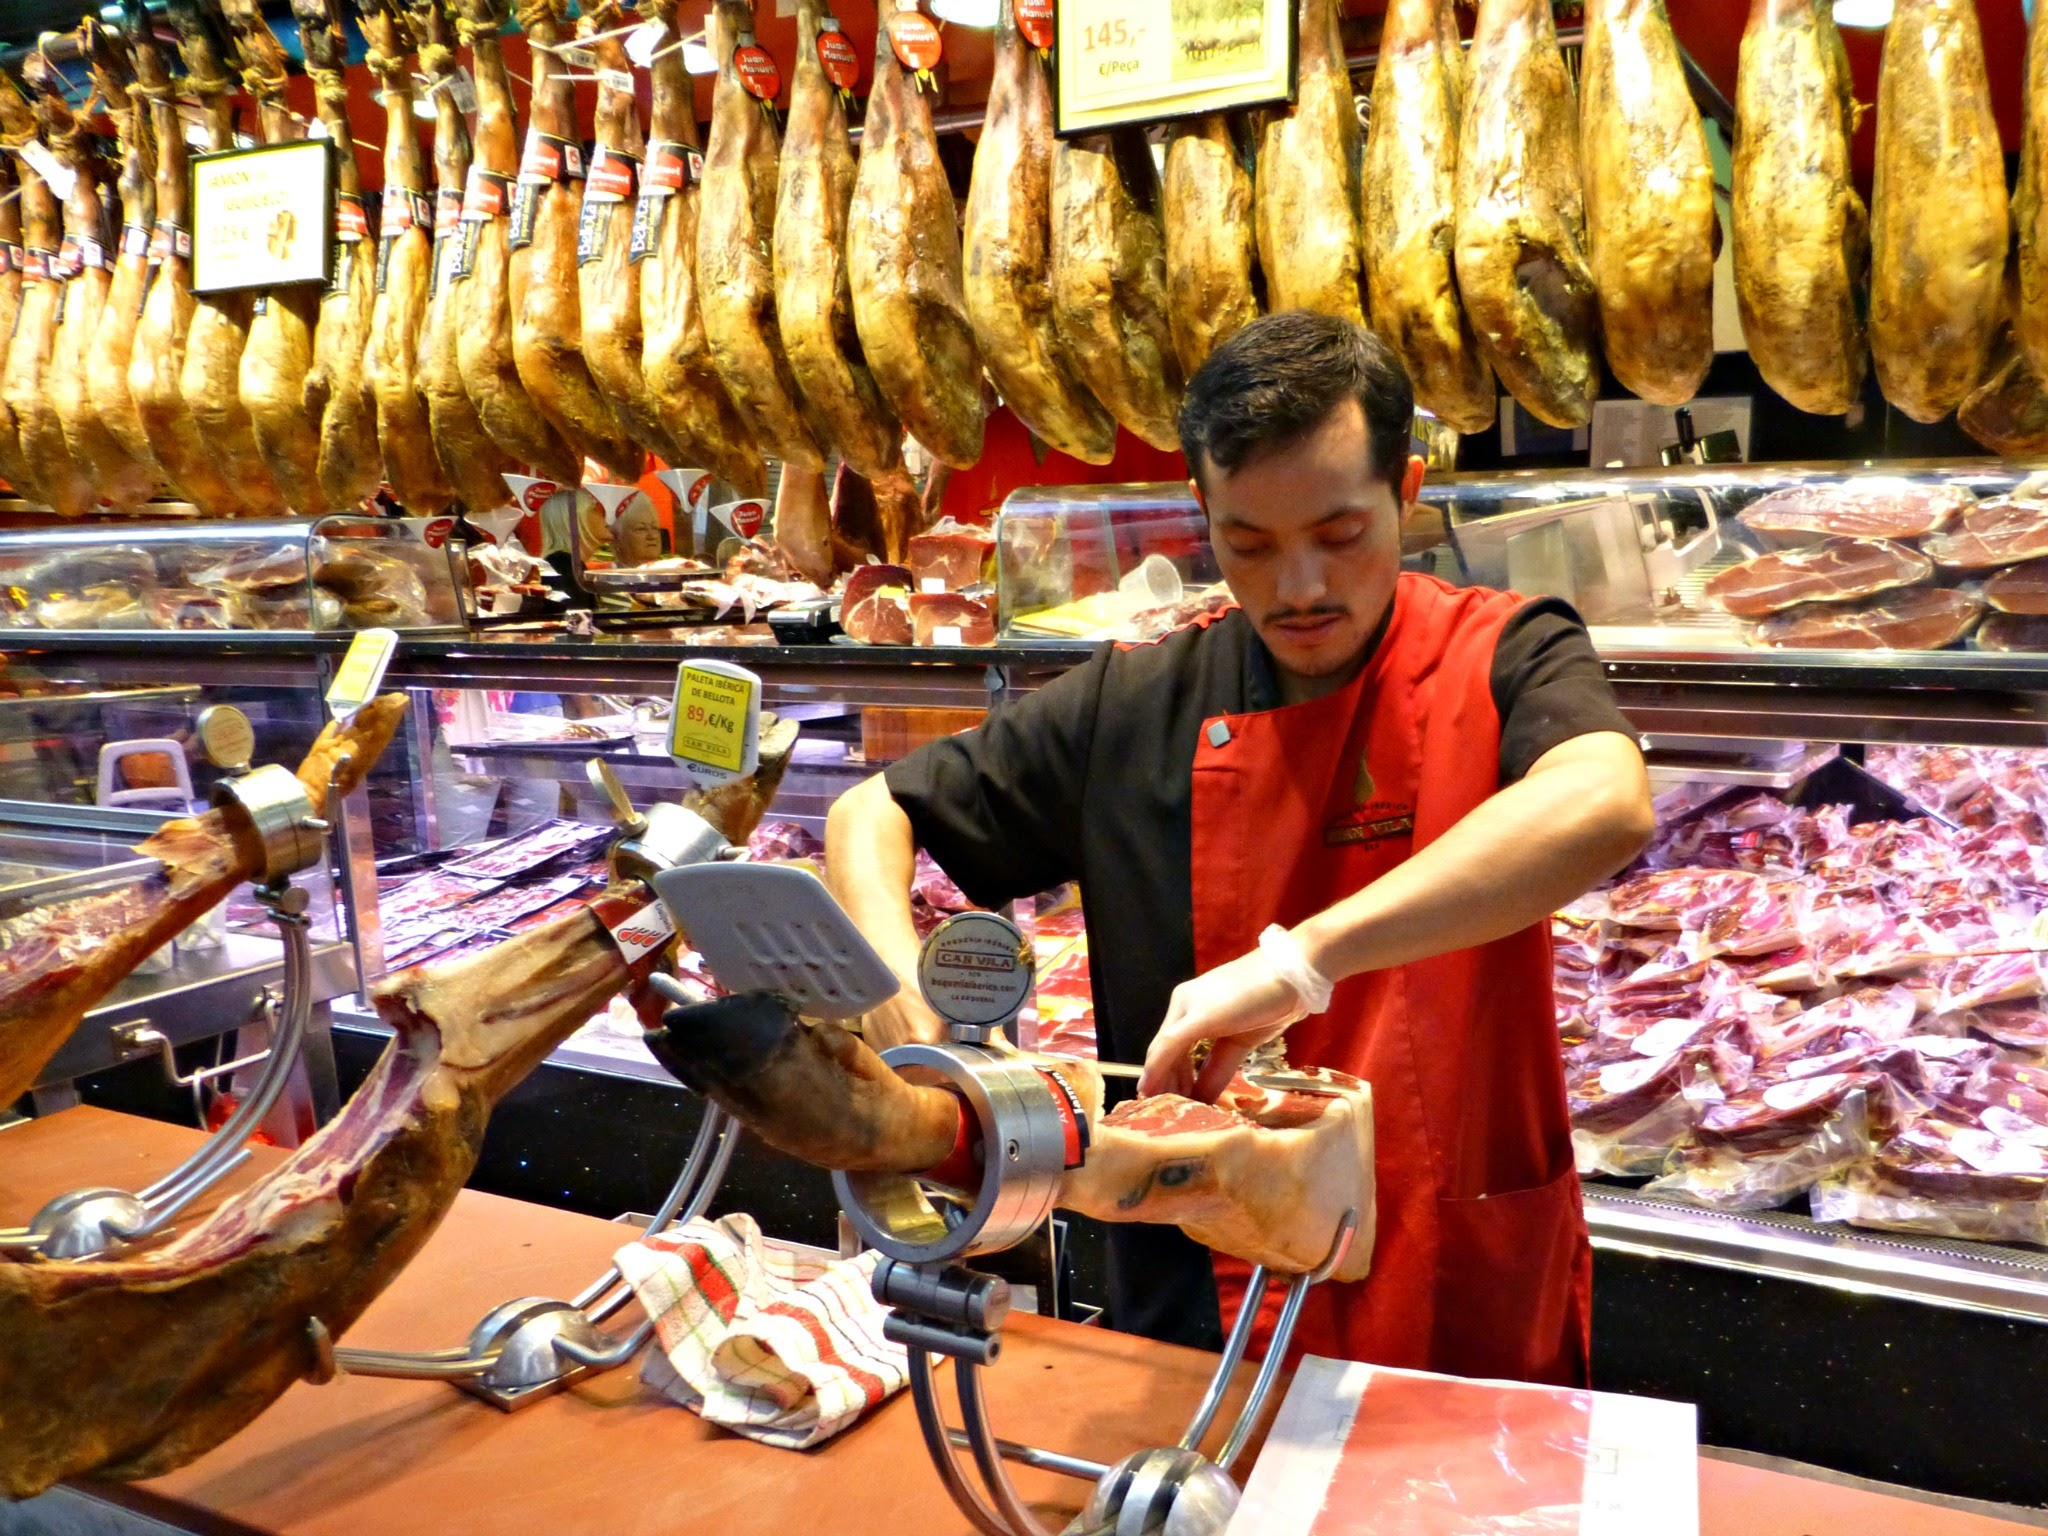 Mercat de Boqueria Barcelona